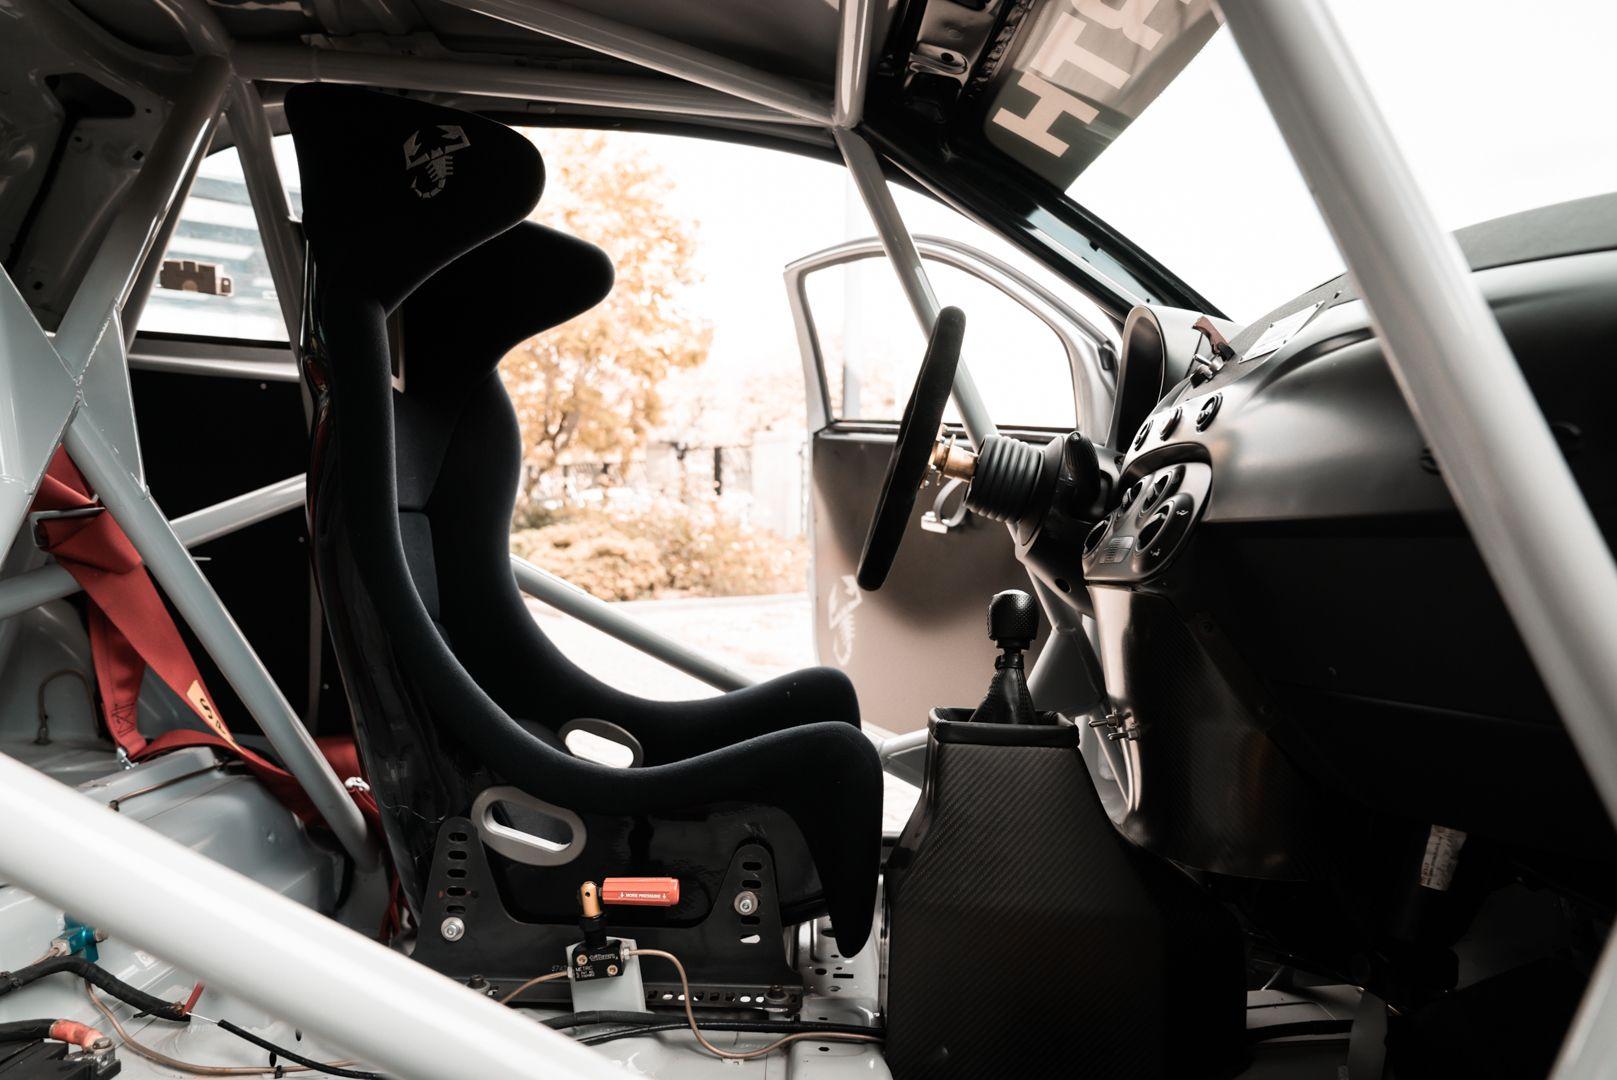 2008 Fiat 500 Abarth Assetto Corse 45/49 77380